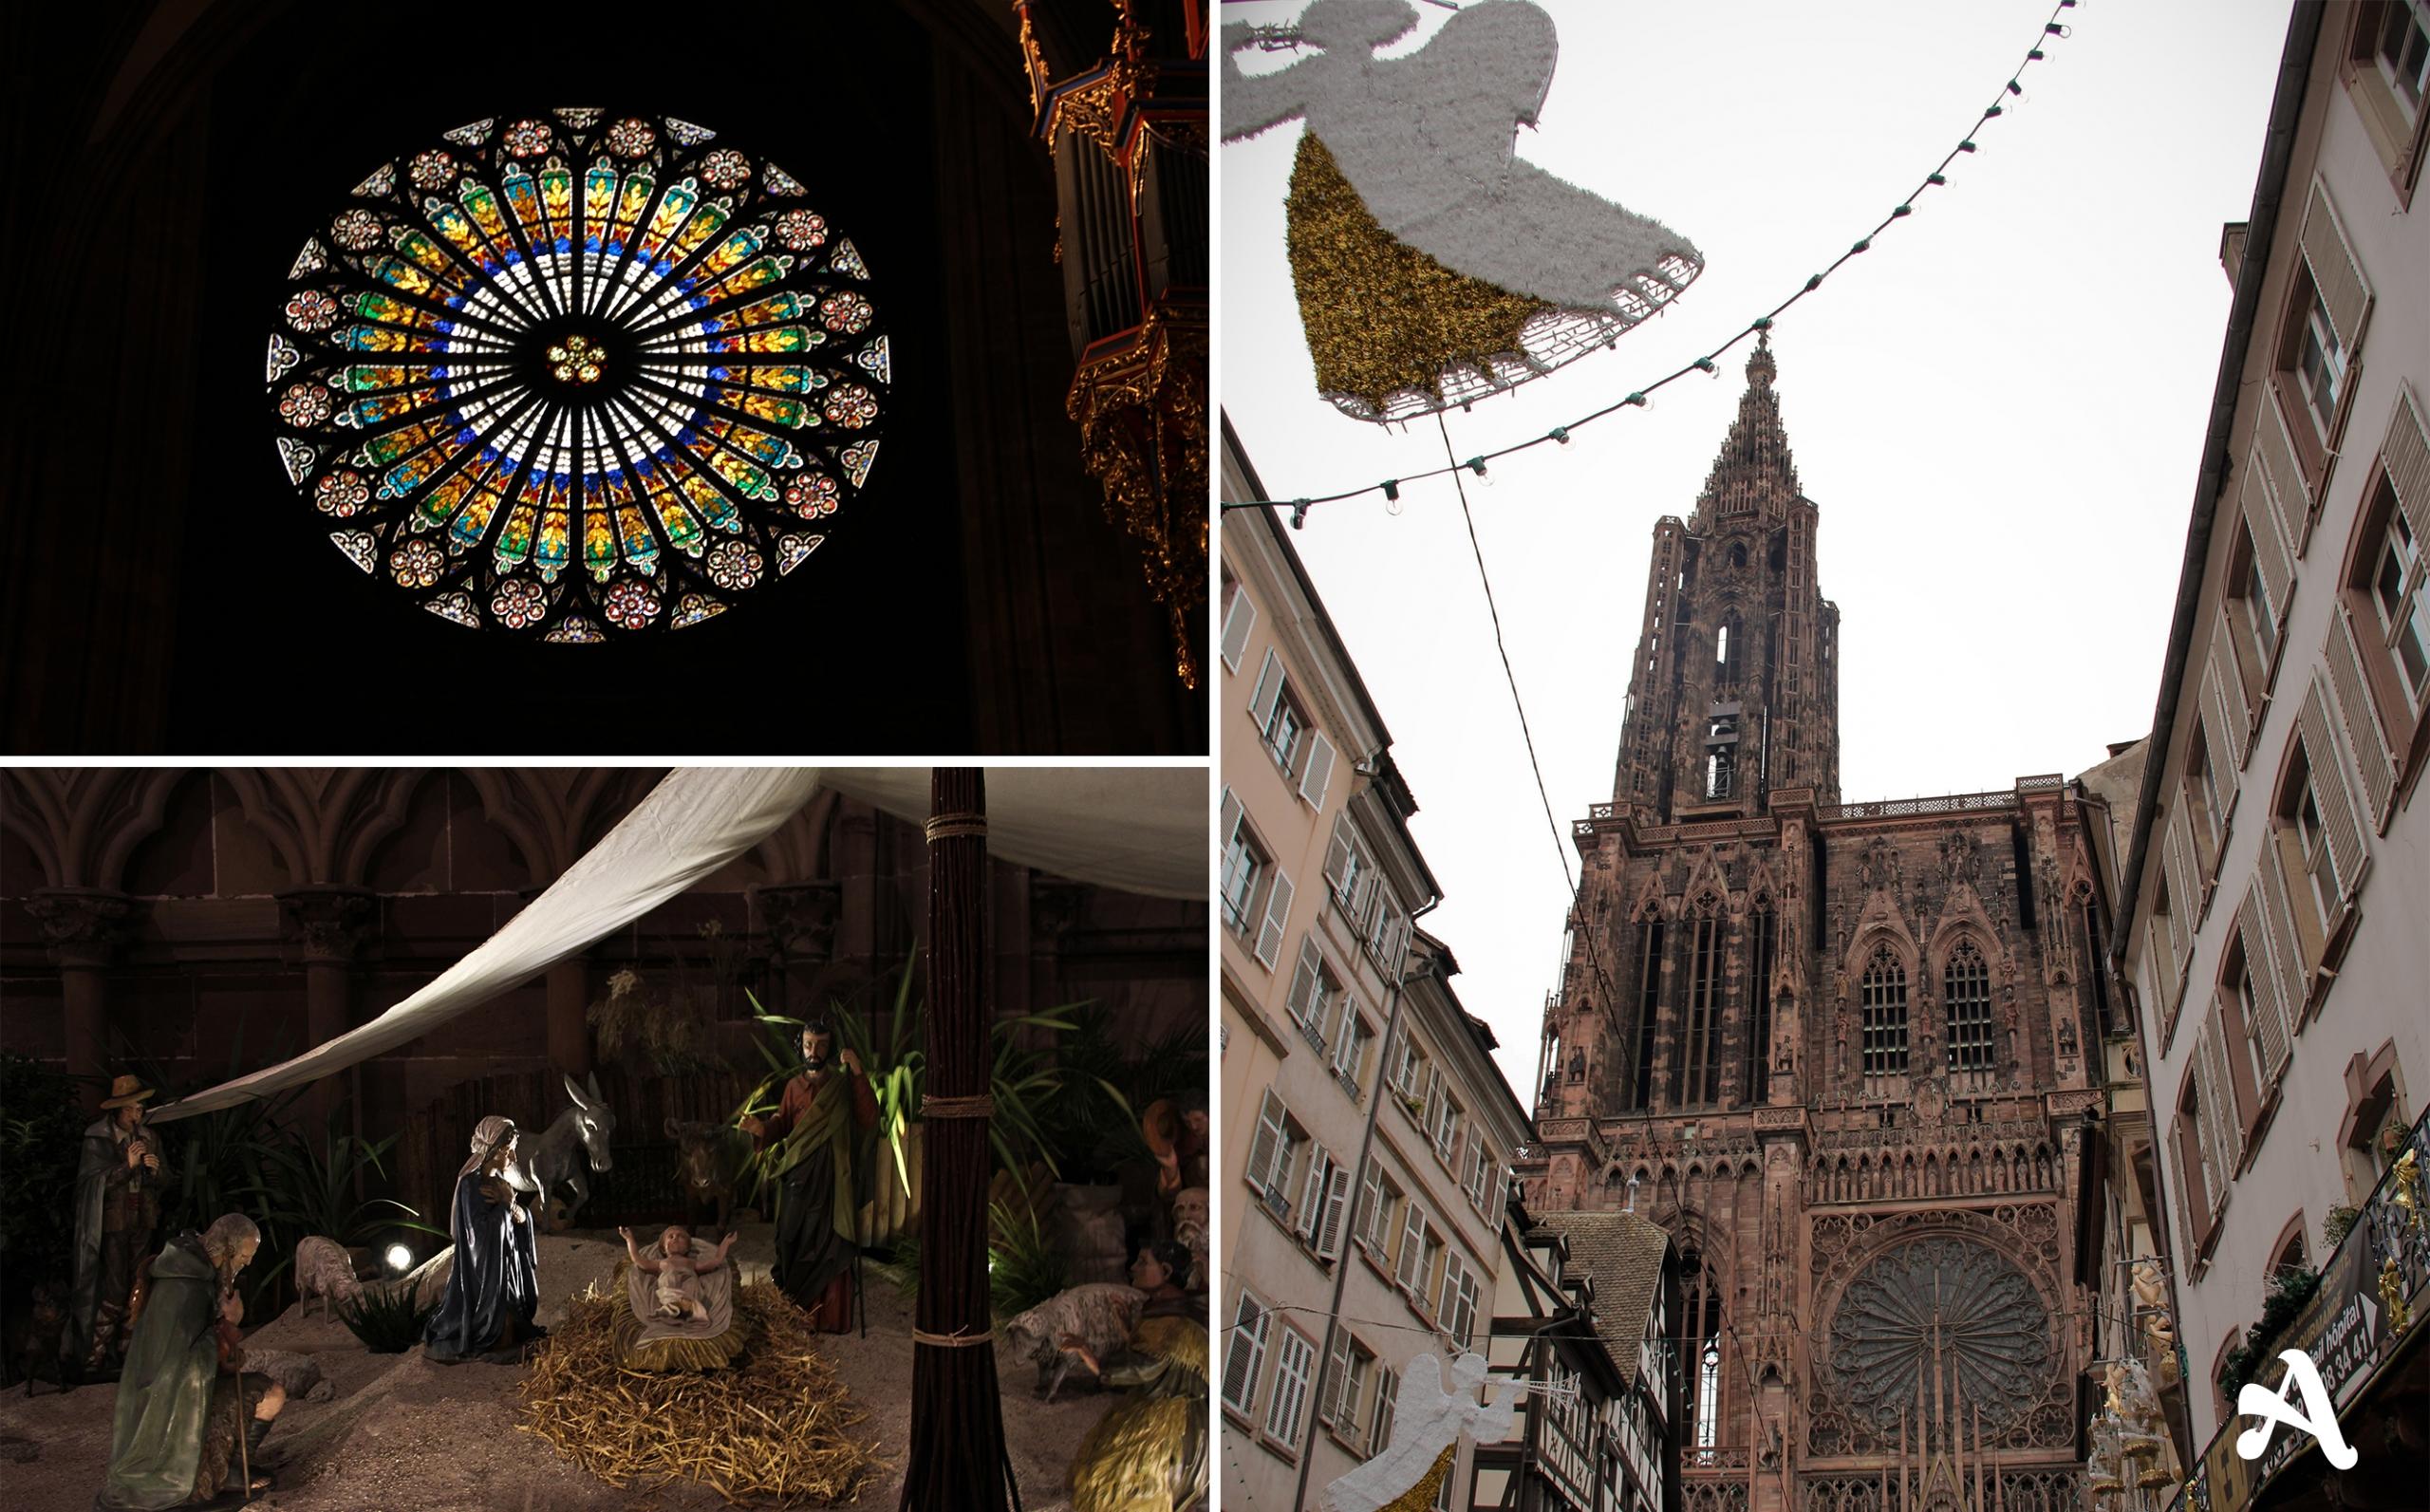 #A97522 Strasbourg Et Son Marché De Noël Awwway 5517 décorations de noel strasbourg 2654x1652 px @ aertt.com